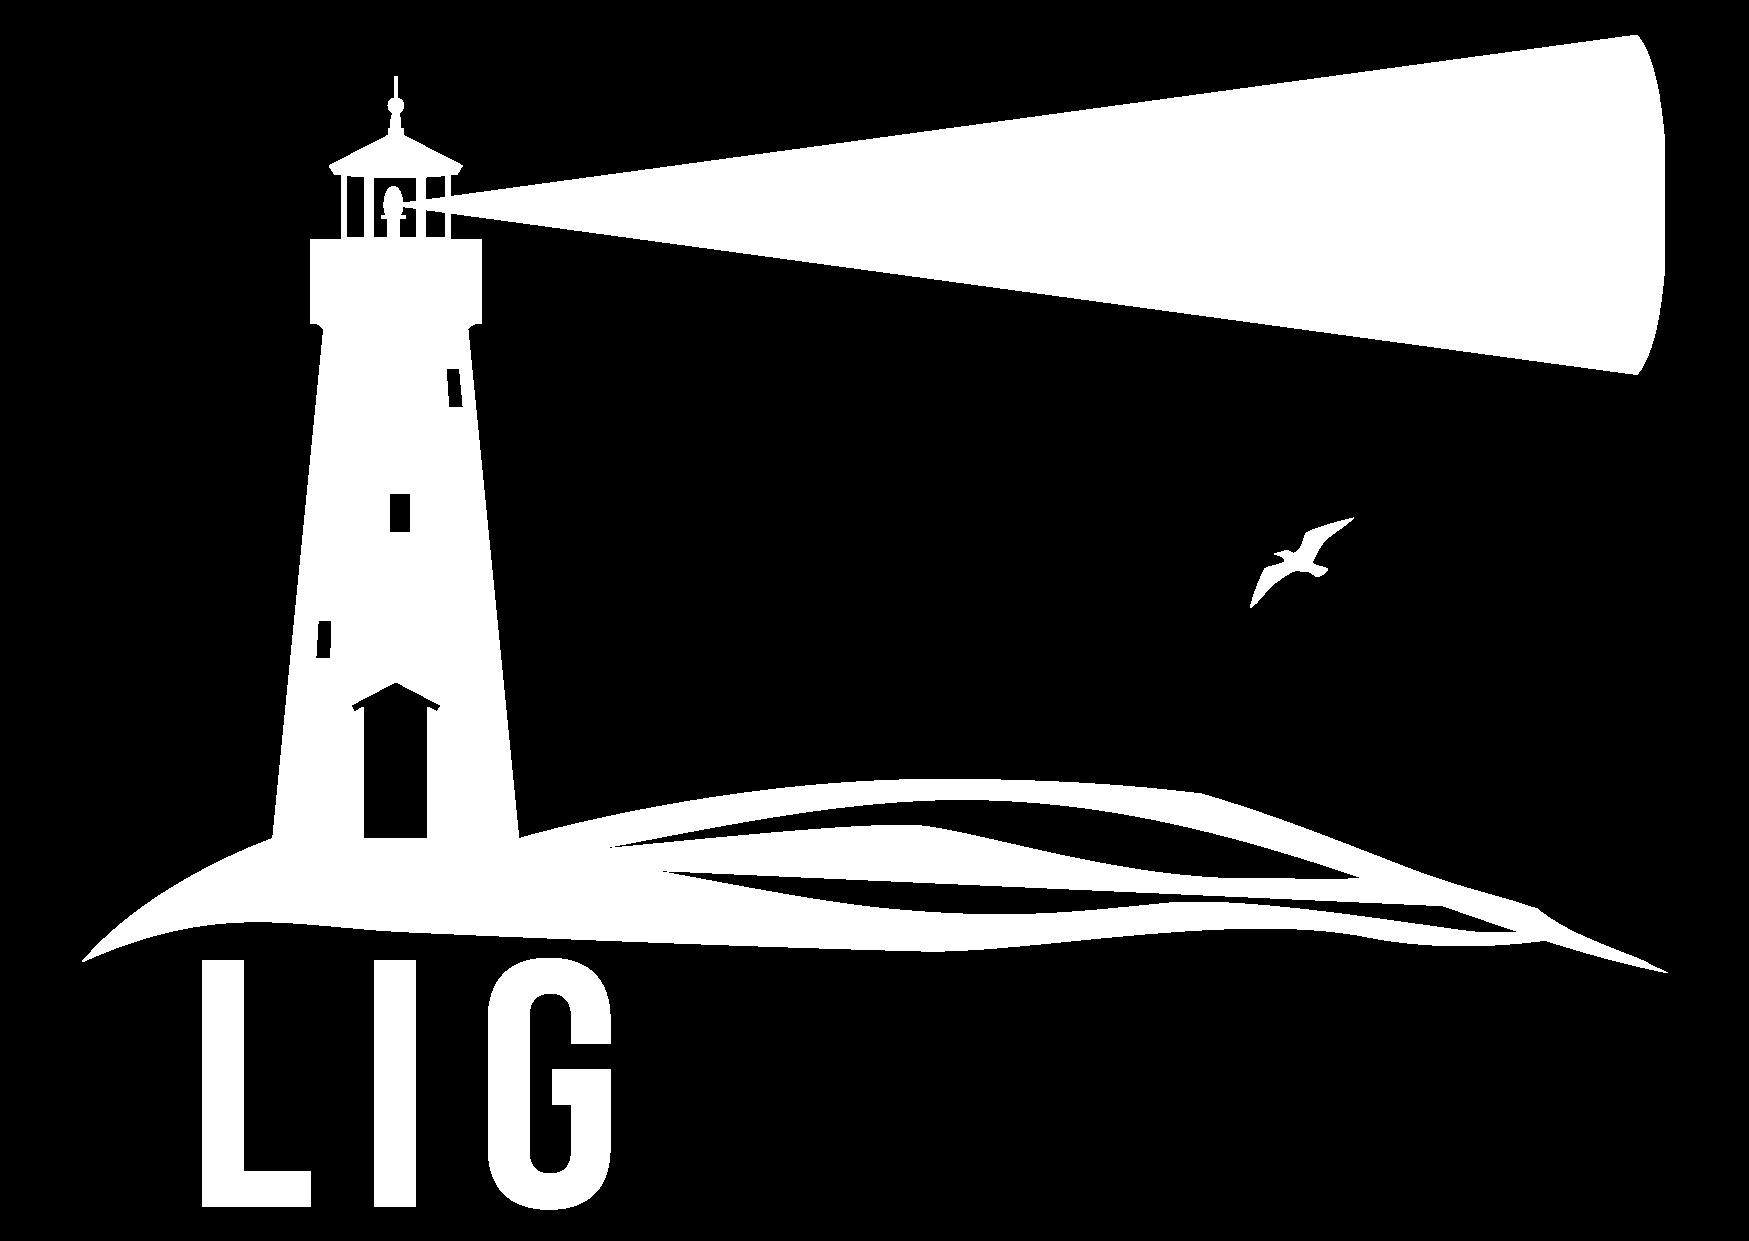 GOD IS LIG NPC